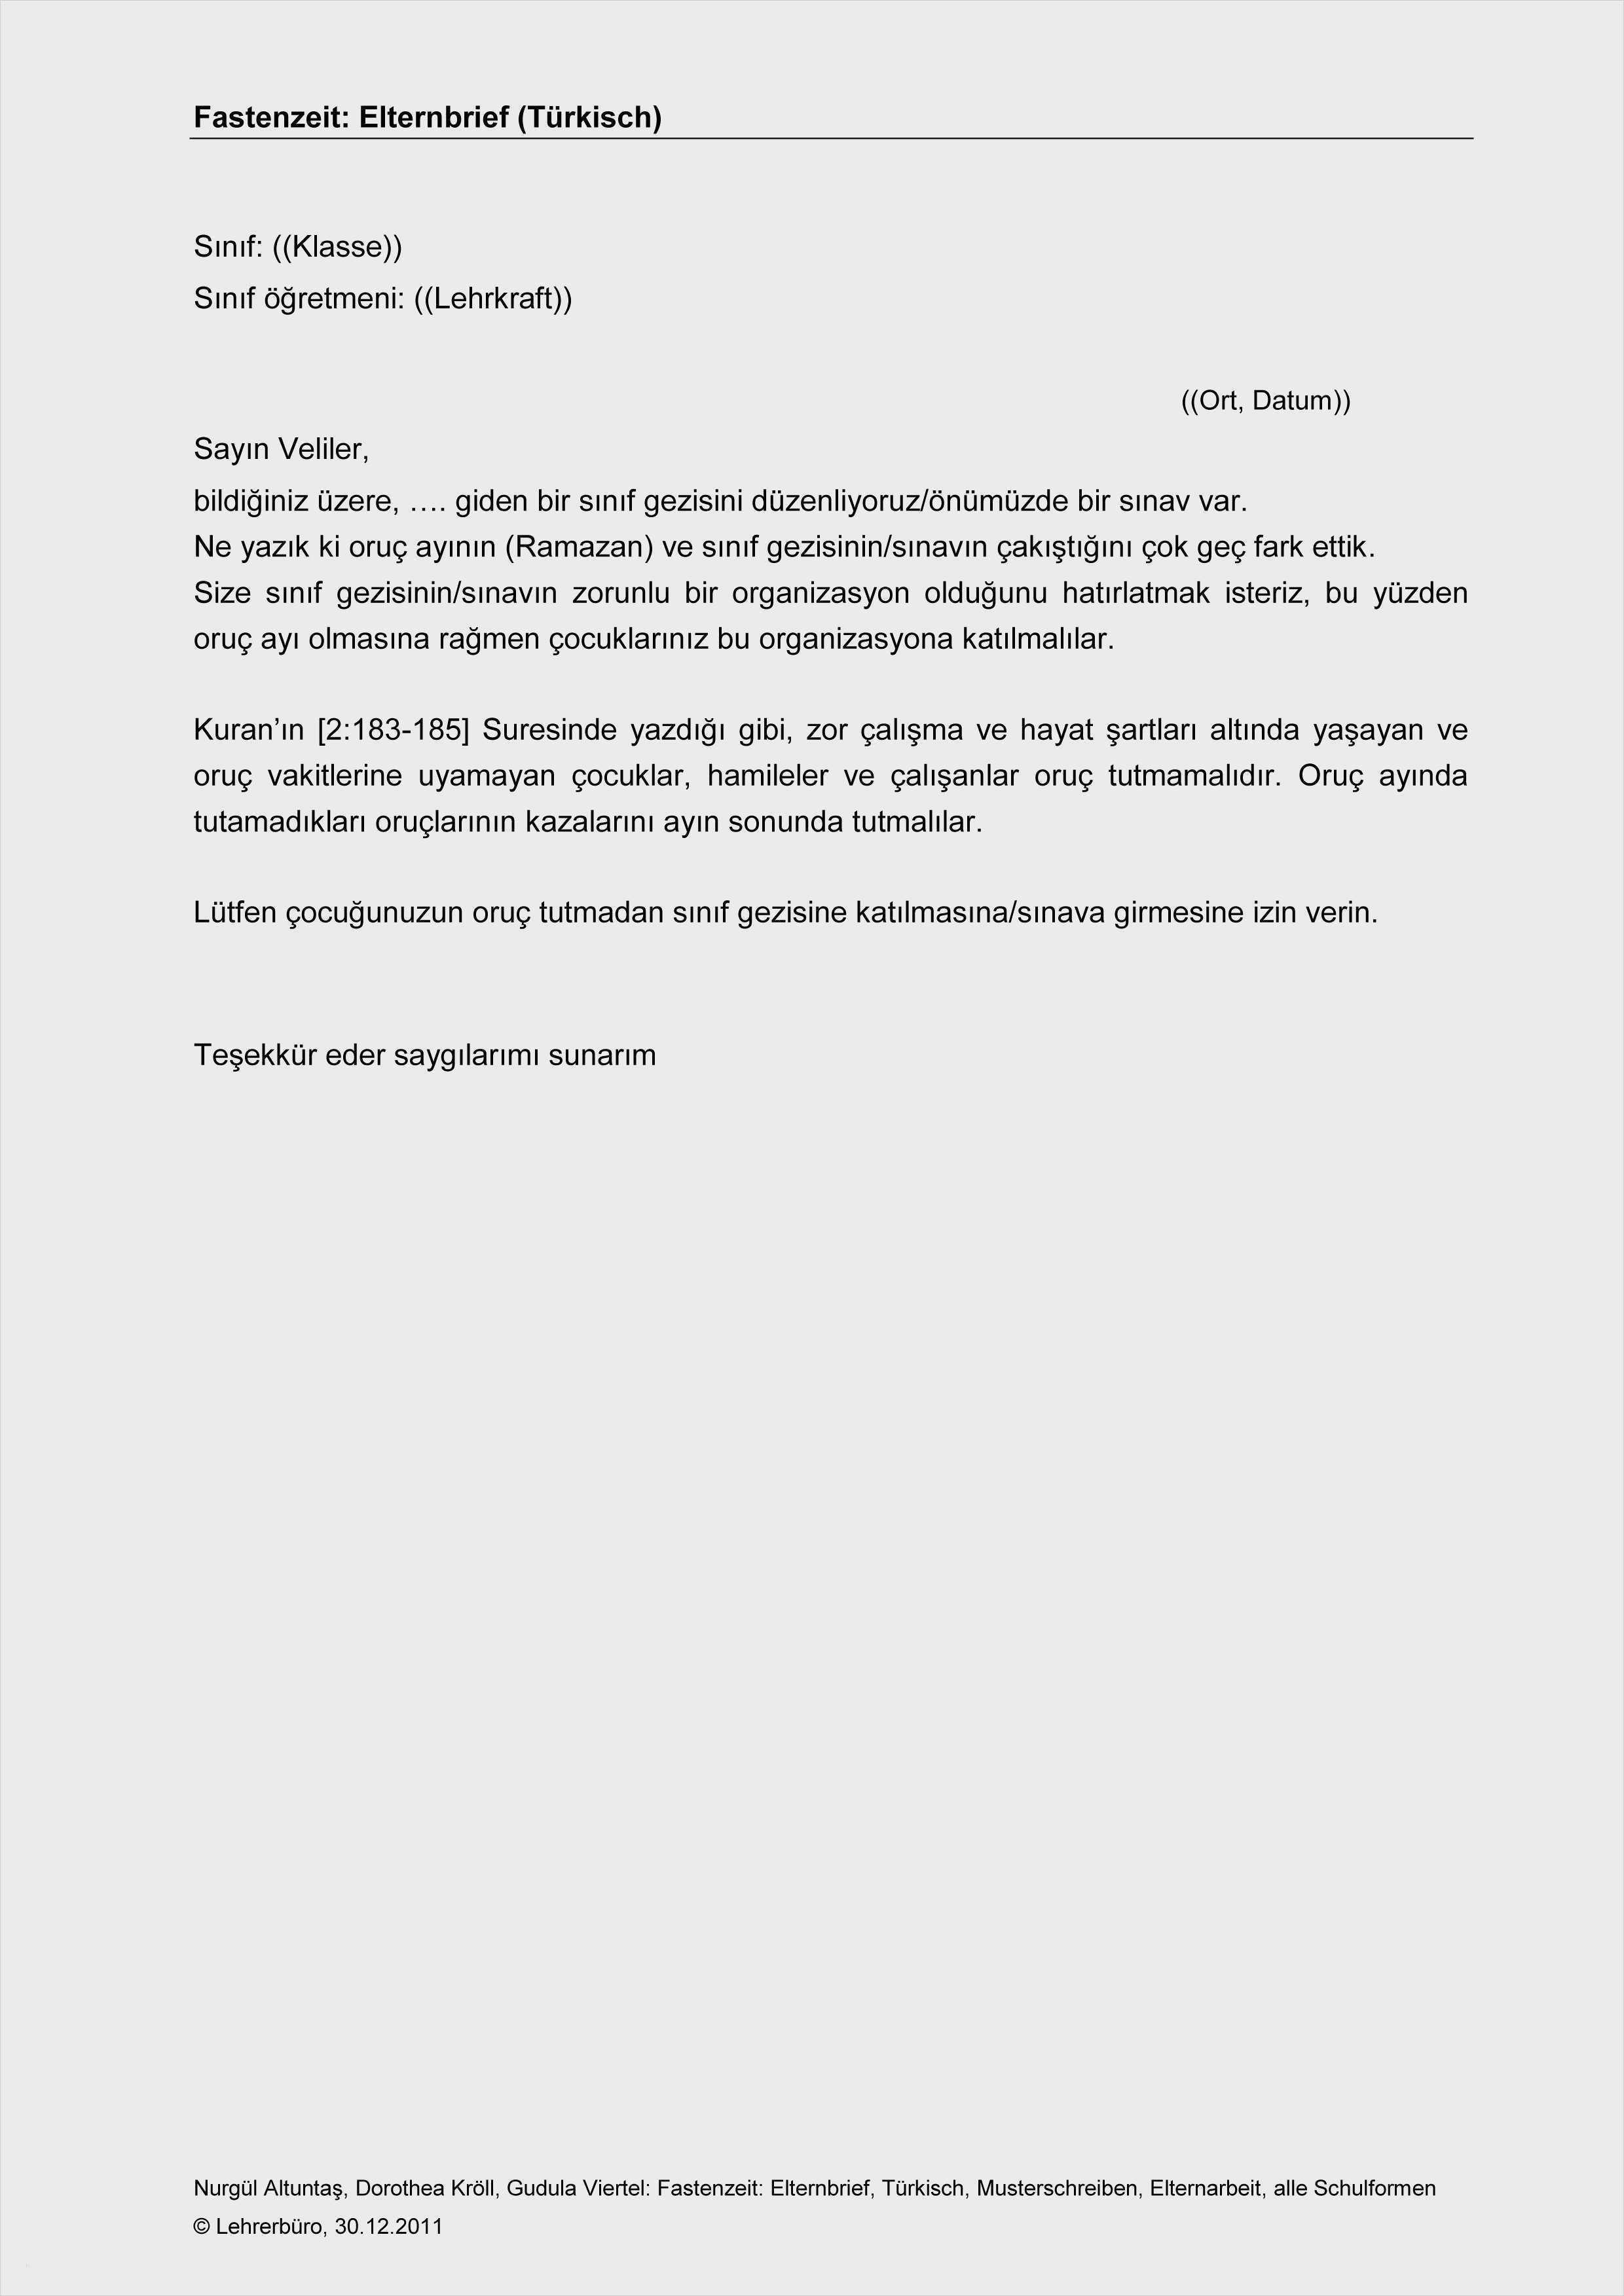 Elterngesprach Grundschule Vorlage 47 Schon Ebendiese Konnen Adaptieren In Microsoft Word In 2020 Grundschule Elterngesprach Lehrkraft